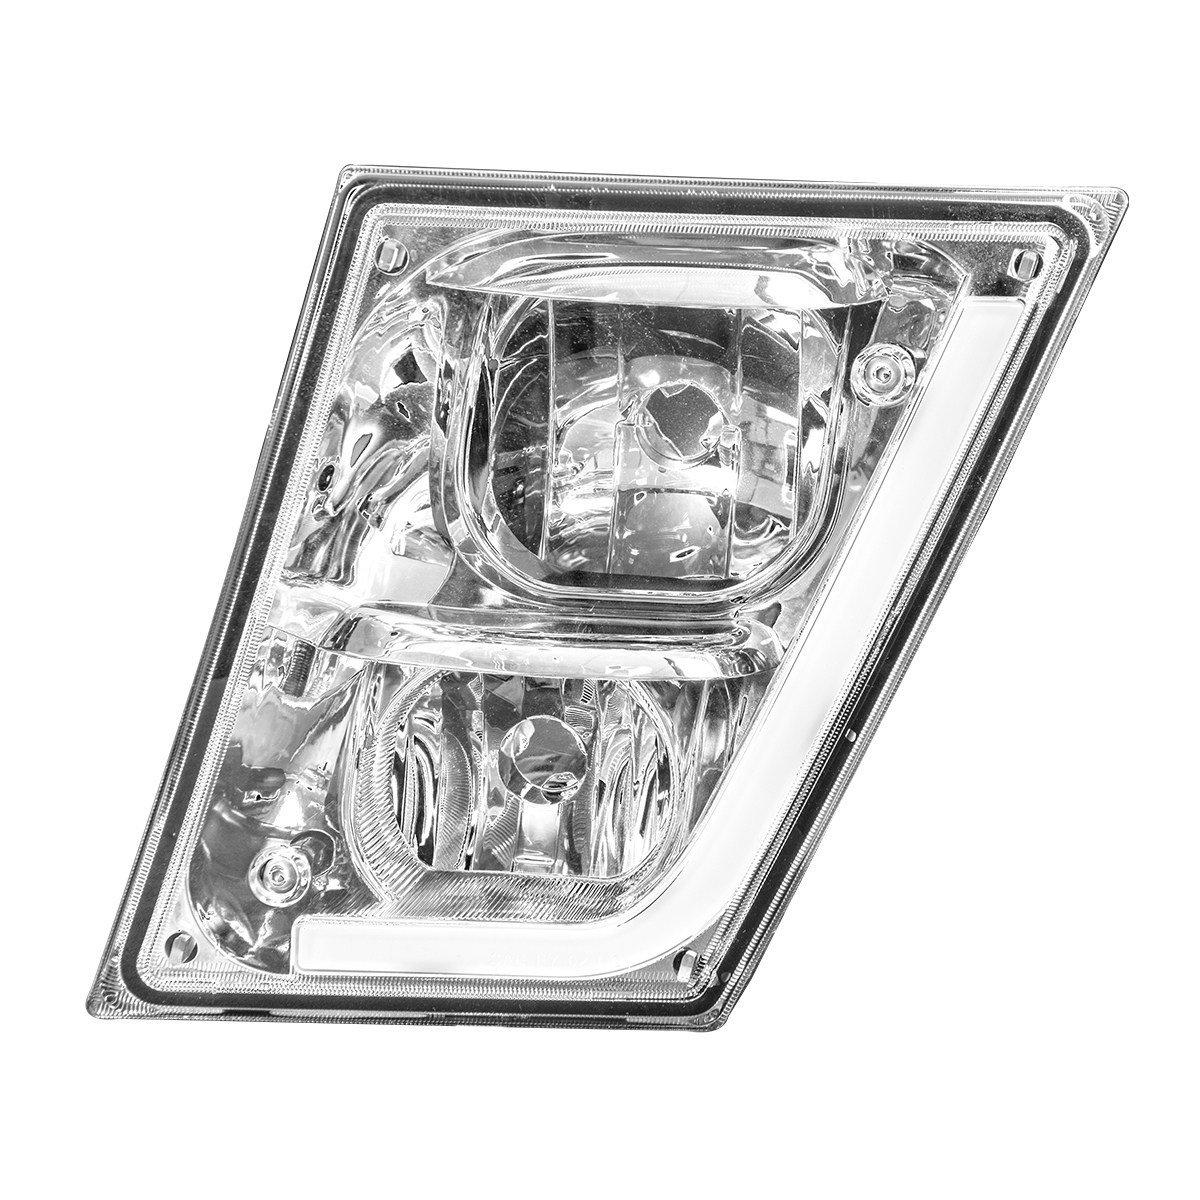 Volvo VNL Fog Light 89414